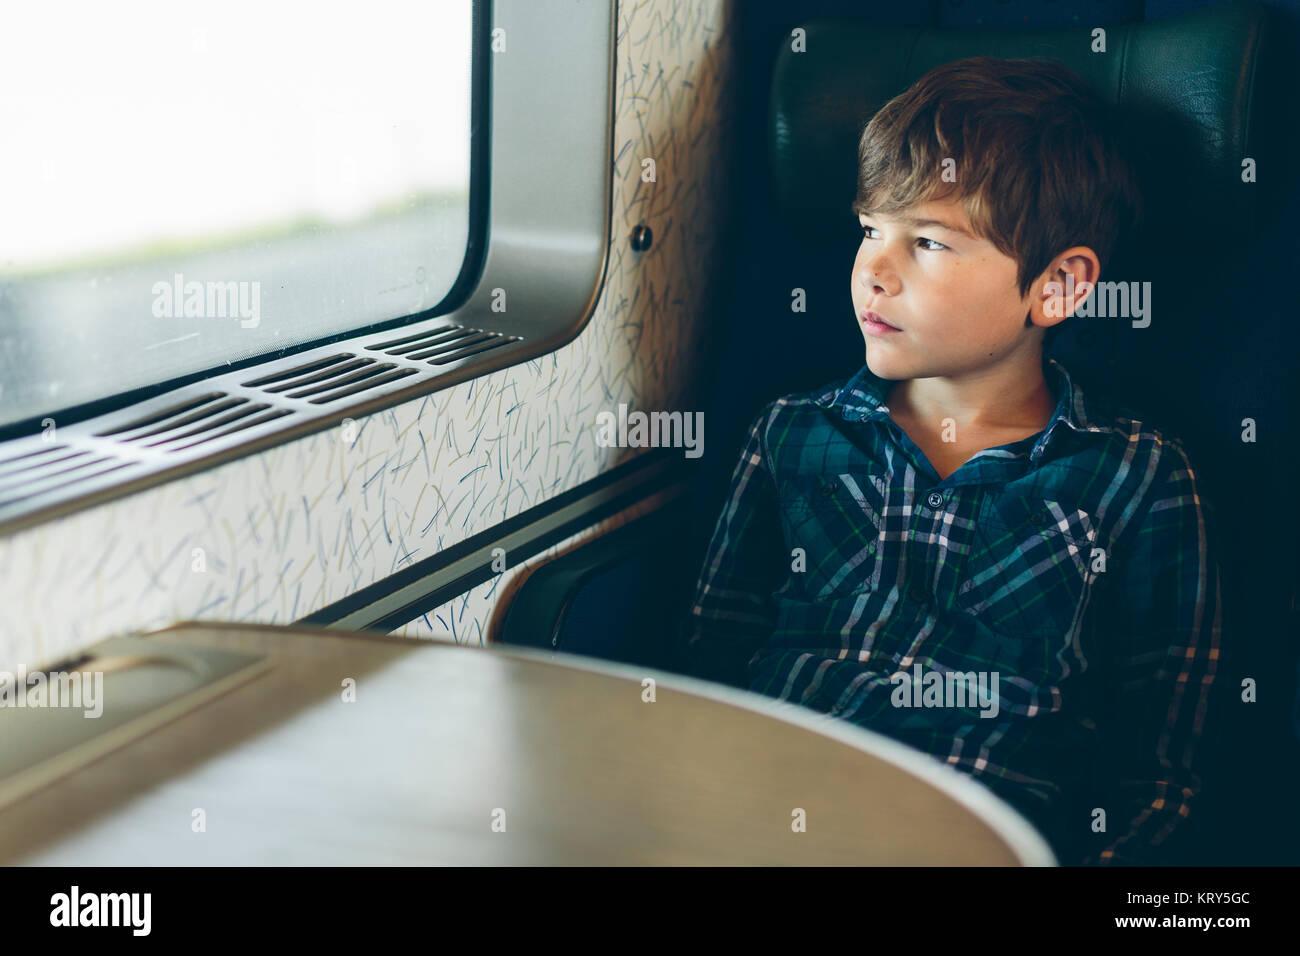 Ein Junge reist auf einem Zug Stockbild